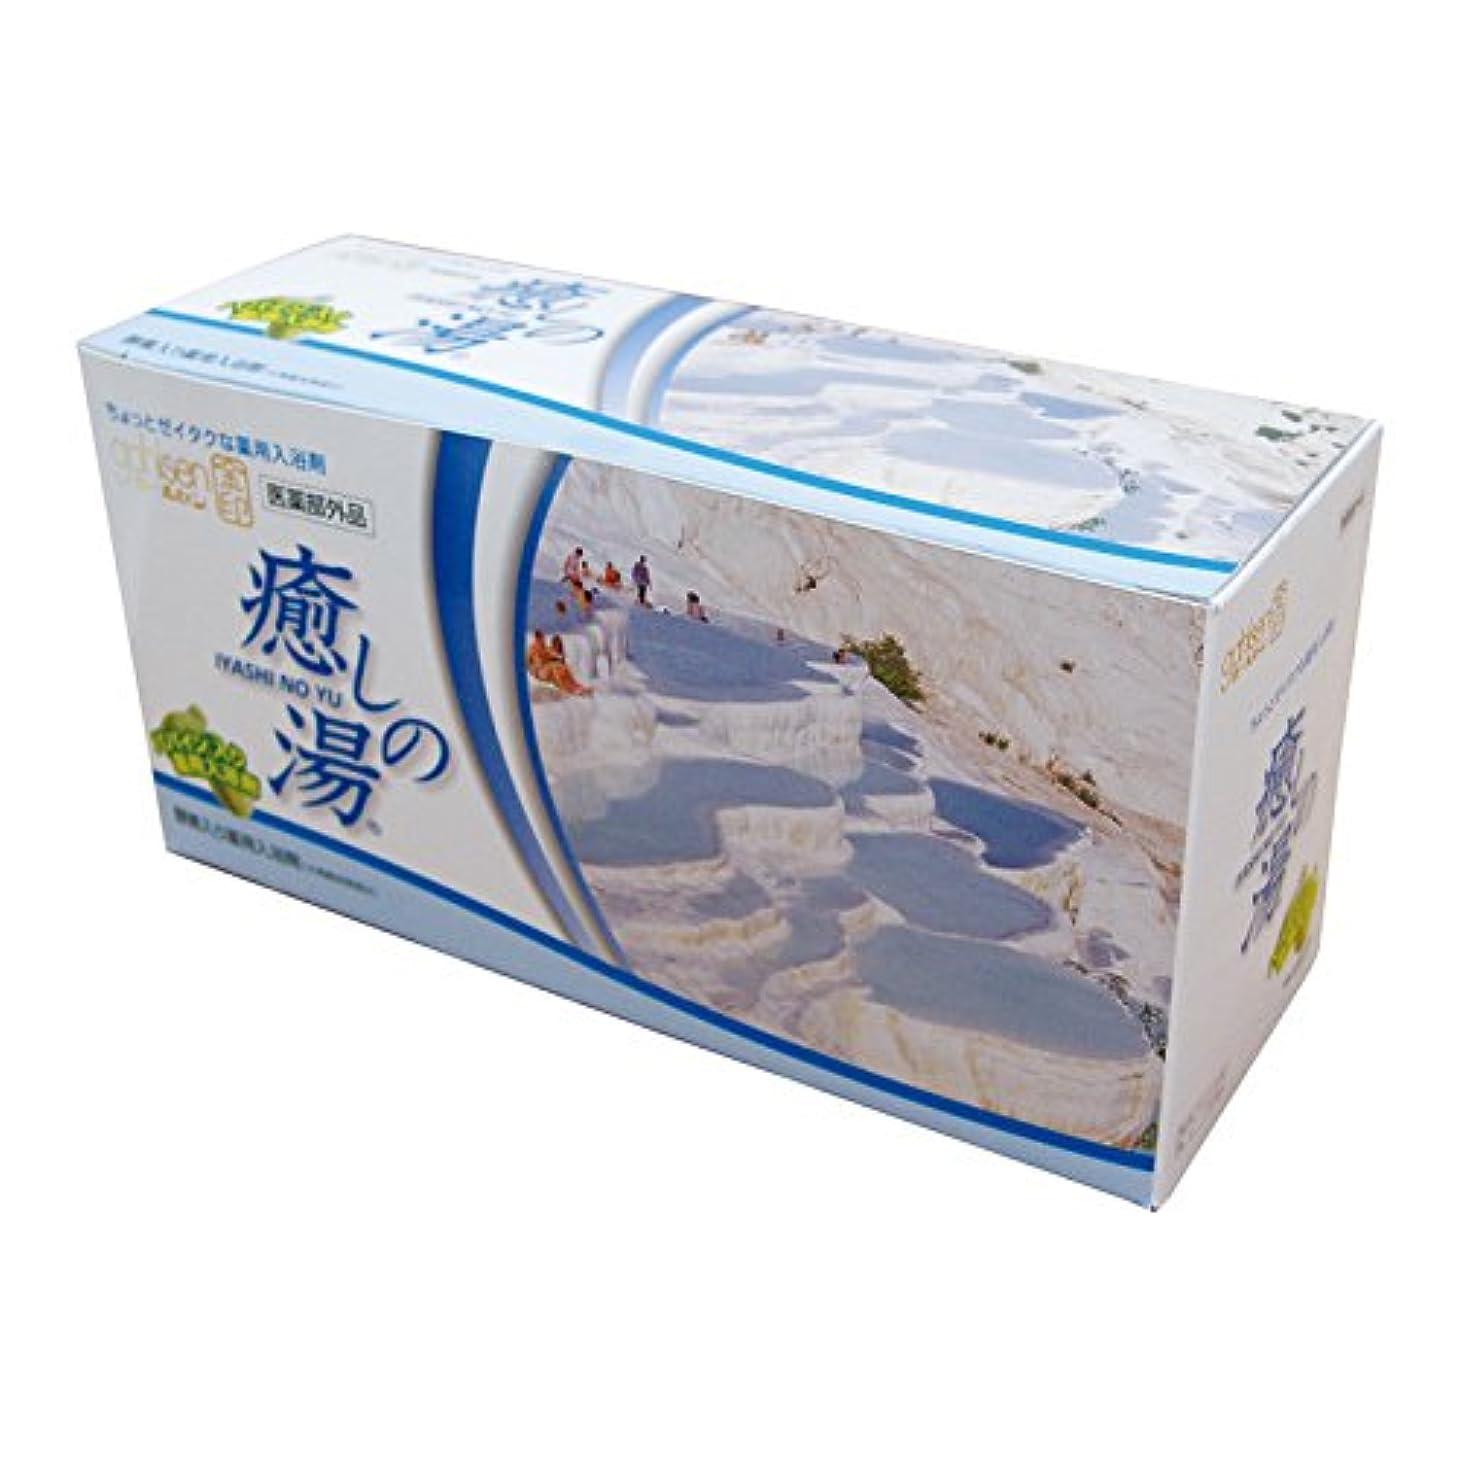 ボイラー件名寺院Bath Terminal 【入浴剤】ガールセン 癒しの湯 金印 30包入【日本生化学正規代理店】